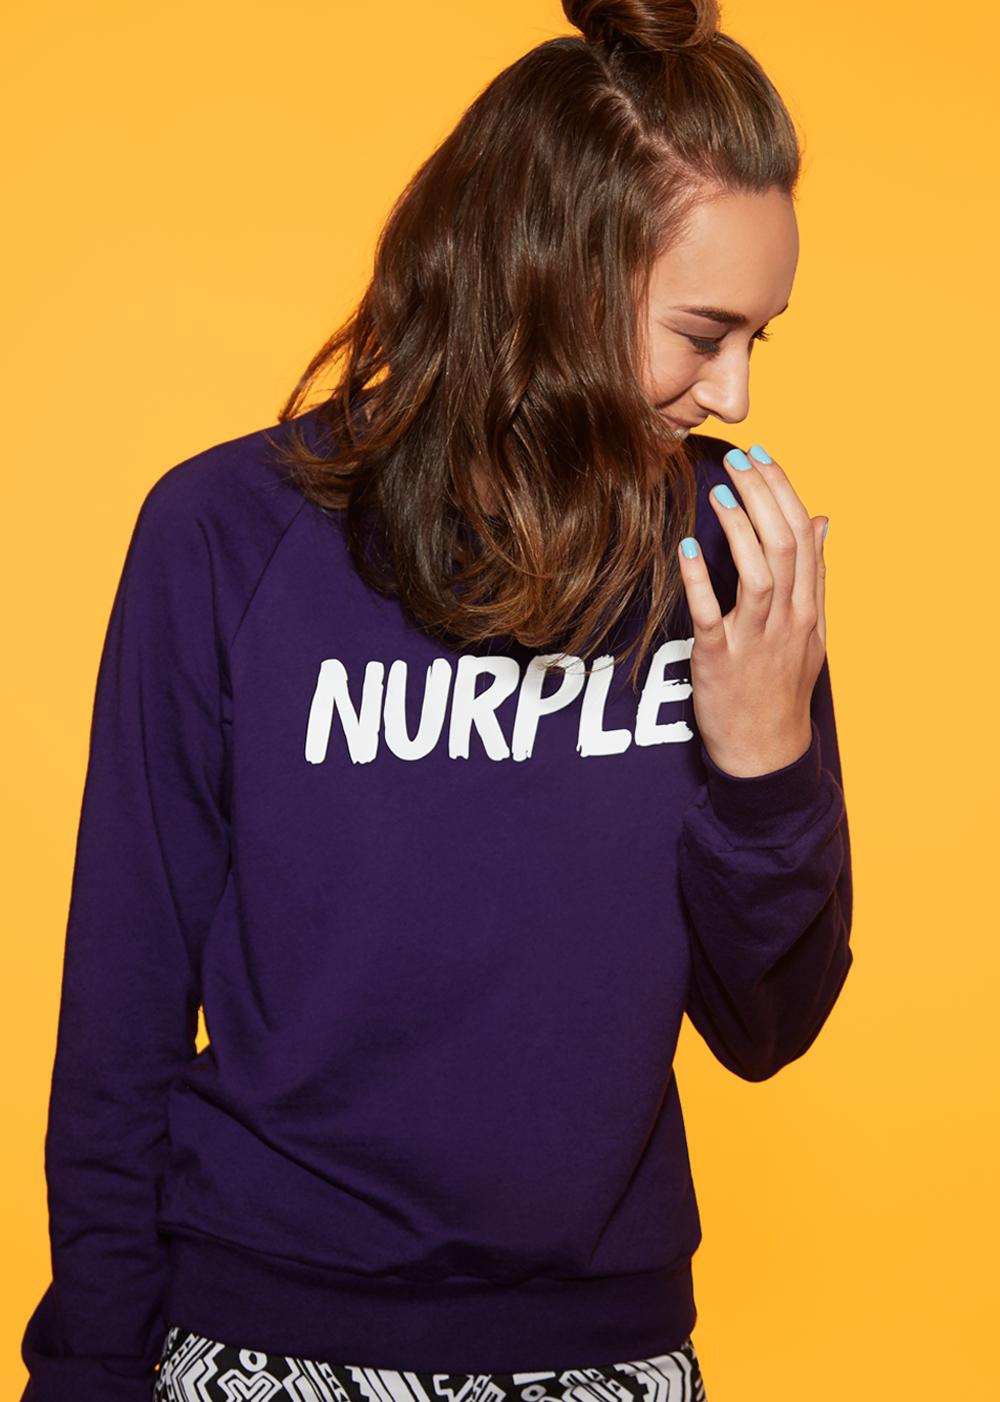 purplenurple